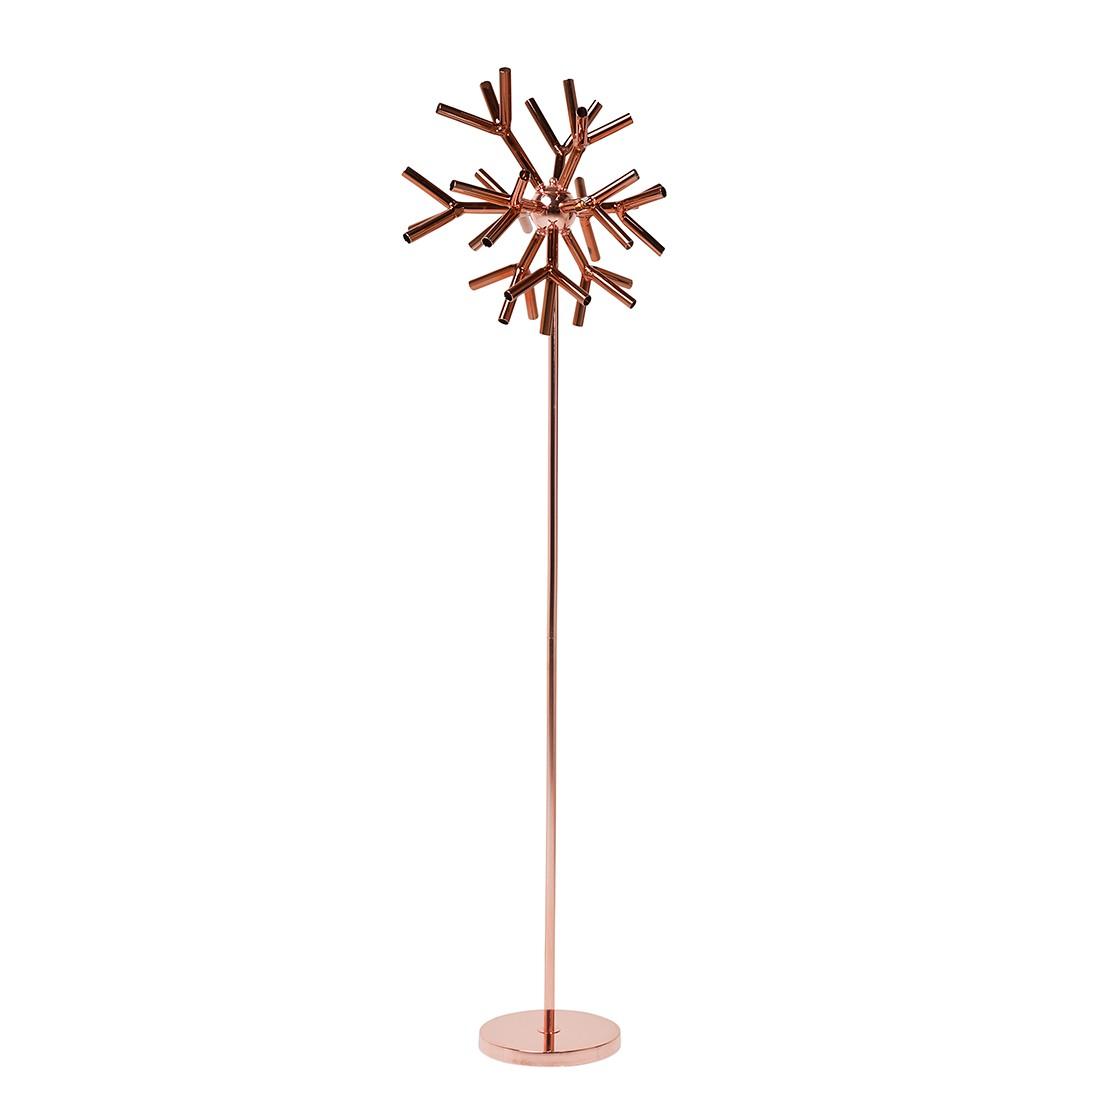 Stehleuchte Corallo ● Metall ● Braun ● 12-flammig- Kare Design C